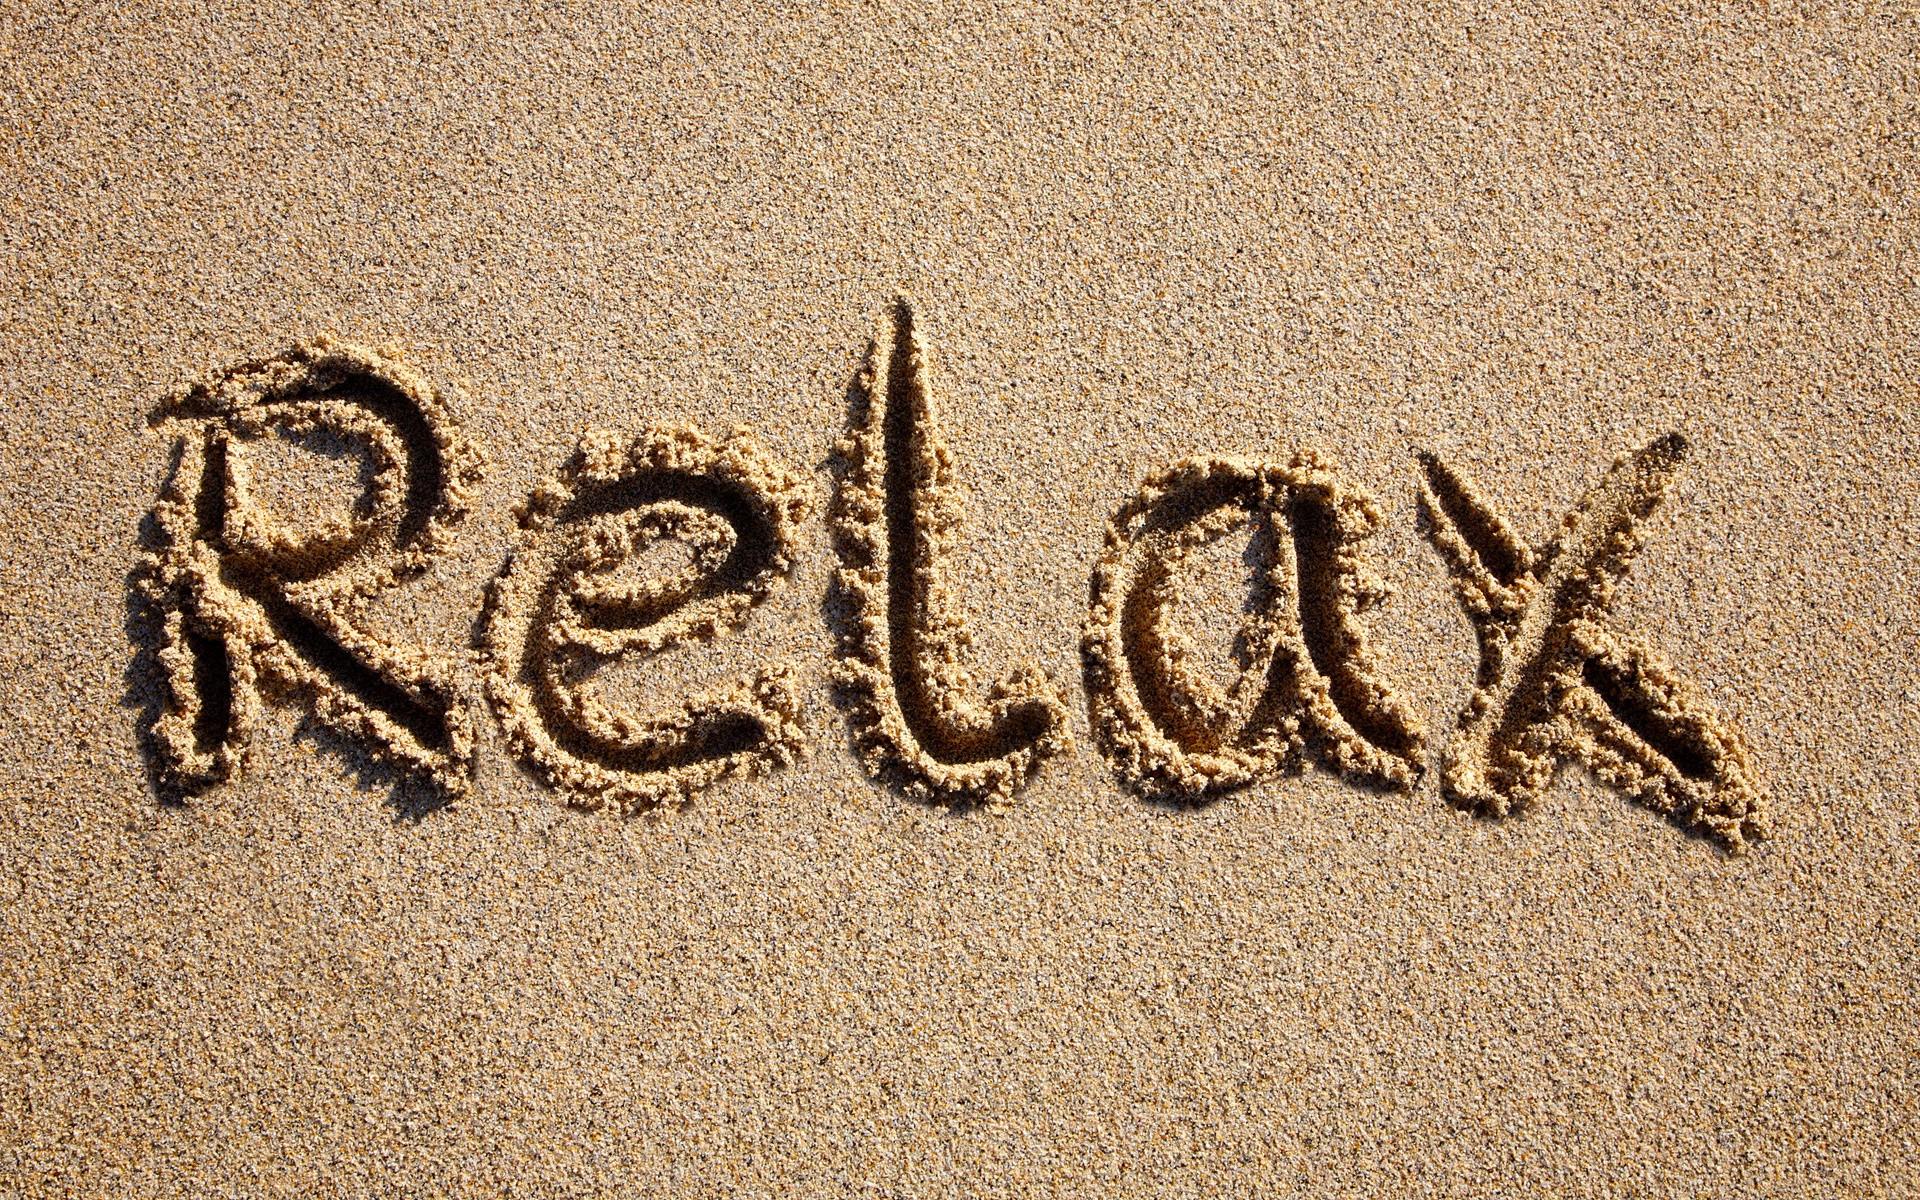 Relajacion en la playa - 1920x1200